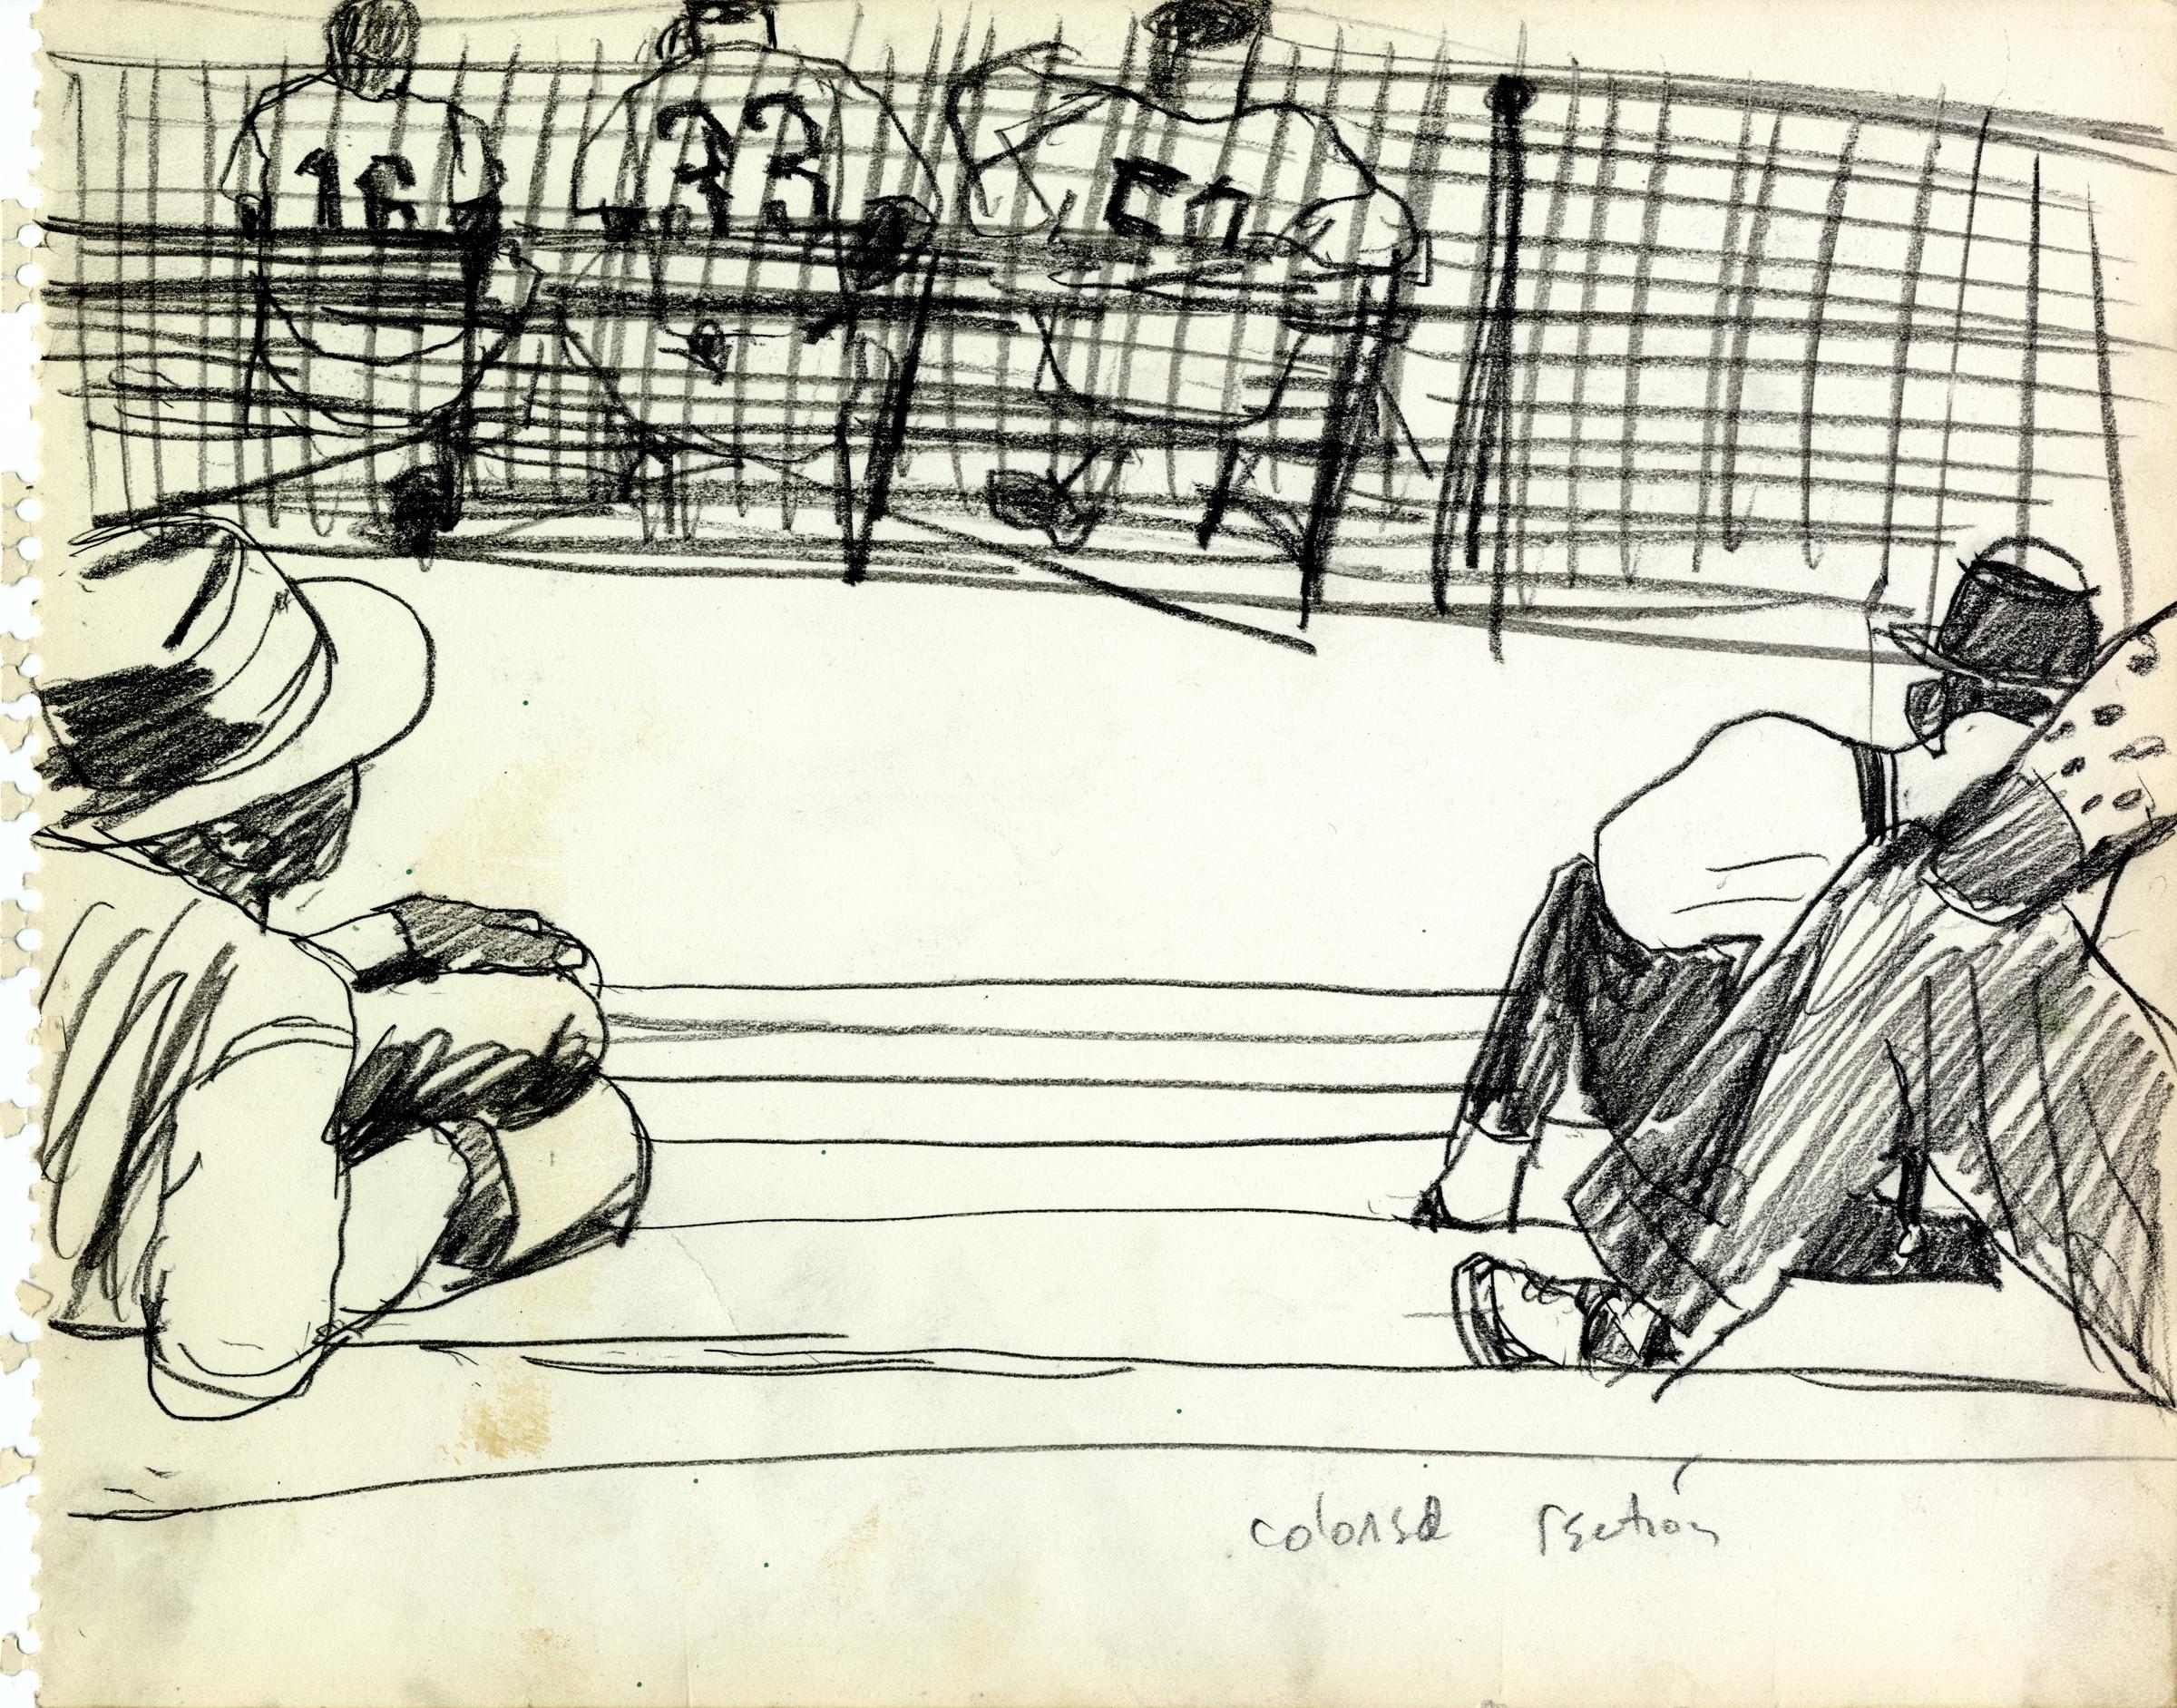 Pencil drawing of men watching spring training.